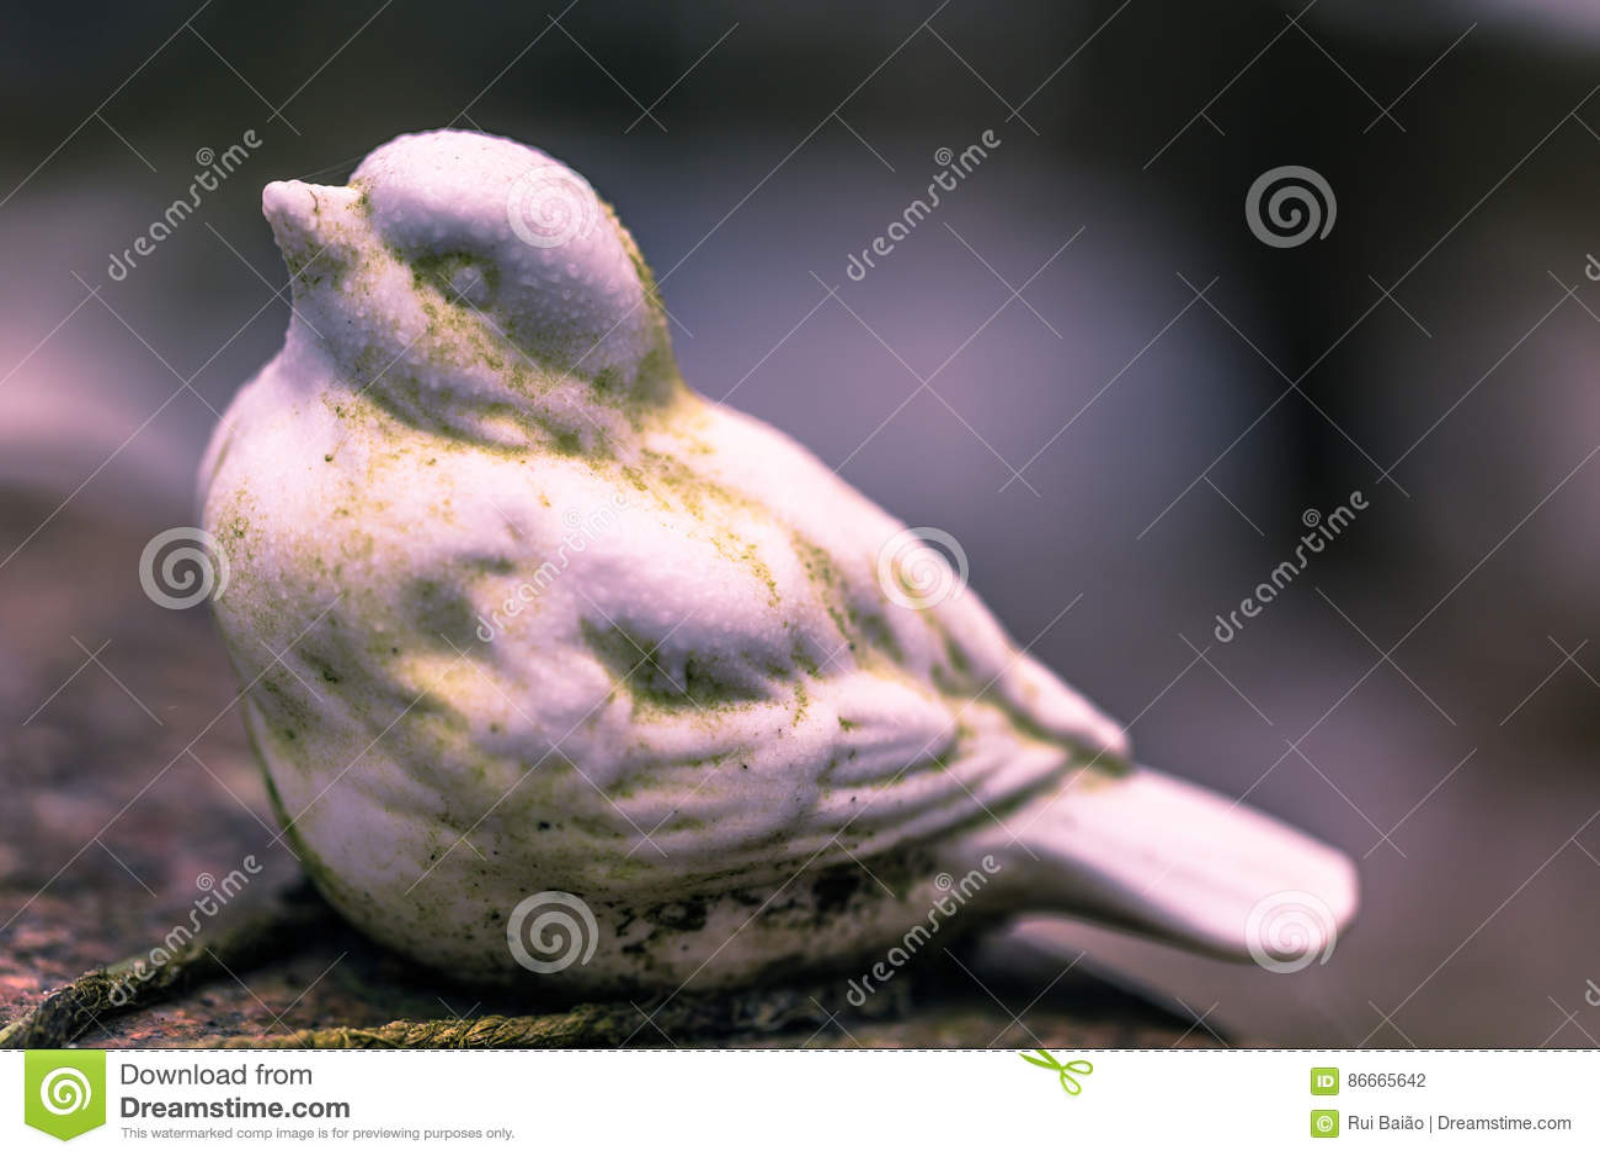 22 de enero de 2017: Estatua de un pájaro que adorna un sepulcro en Skogsky